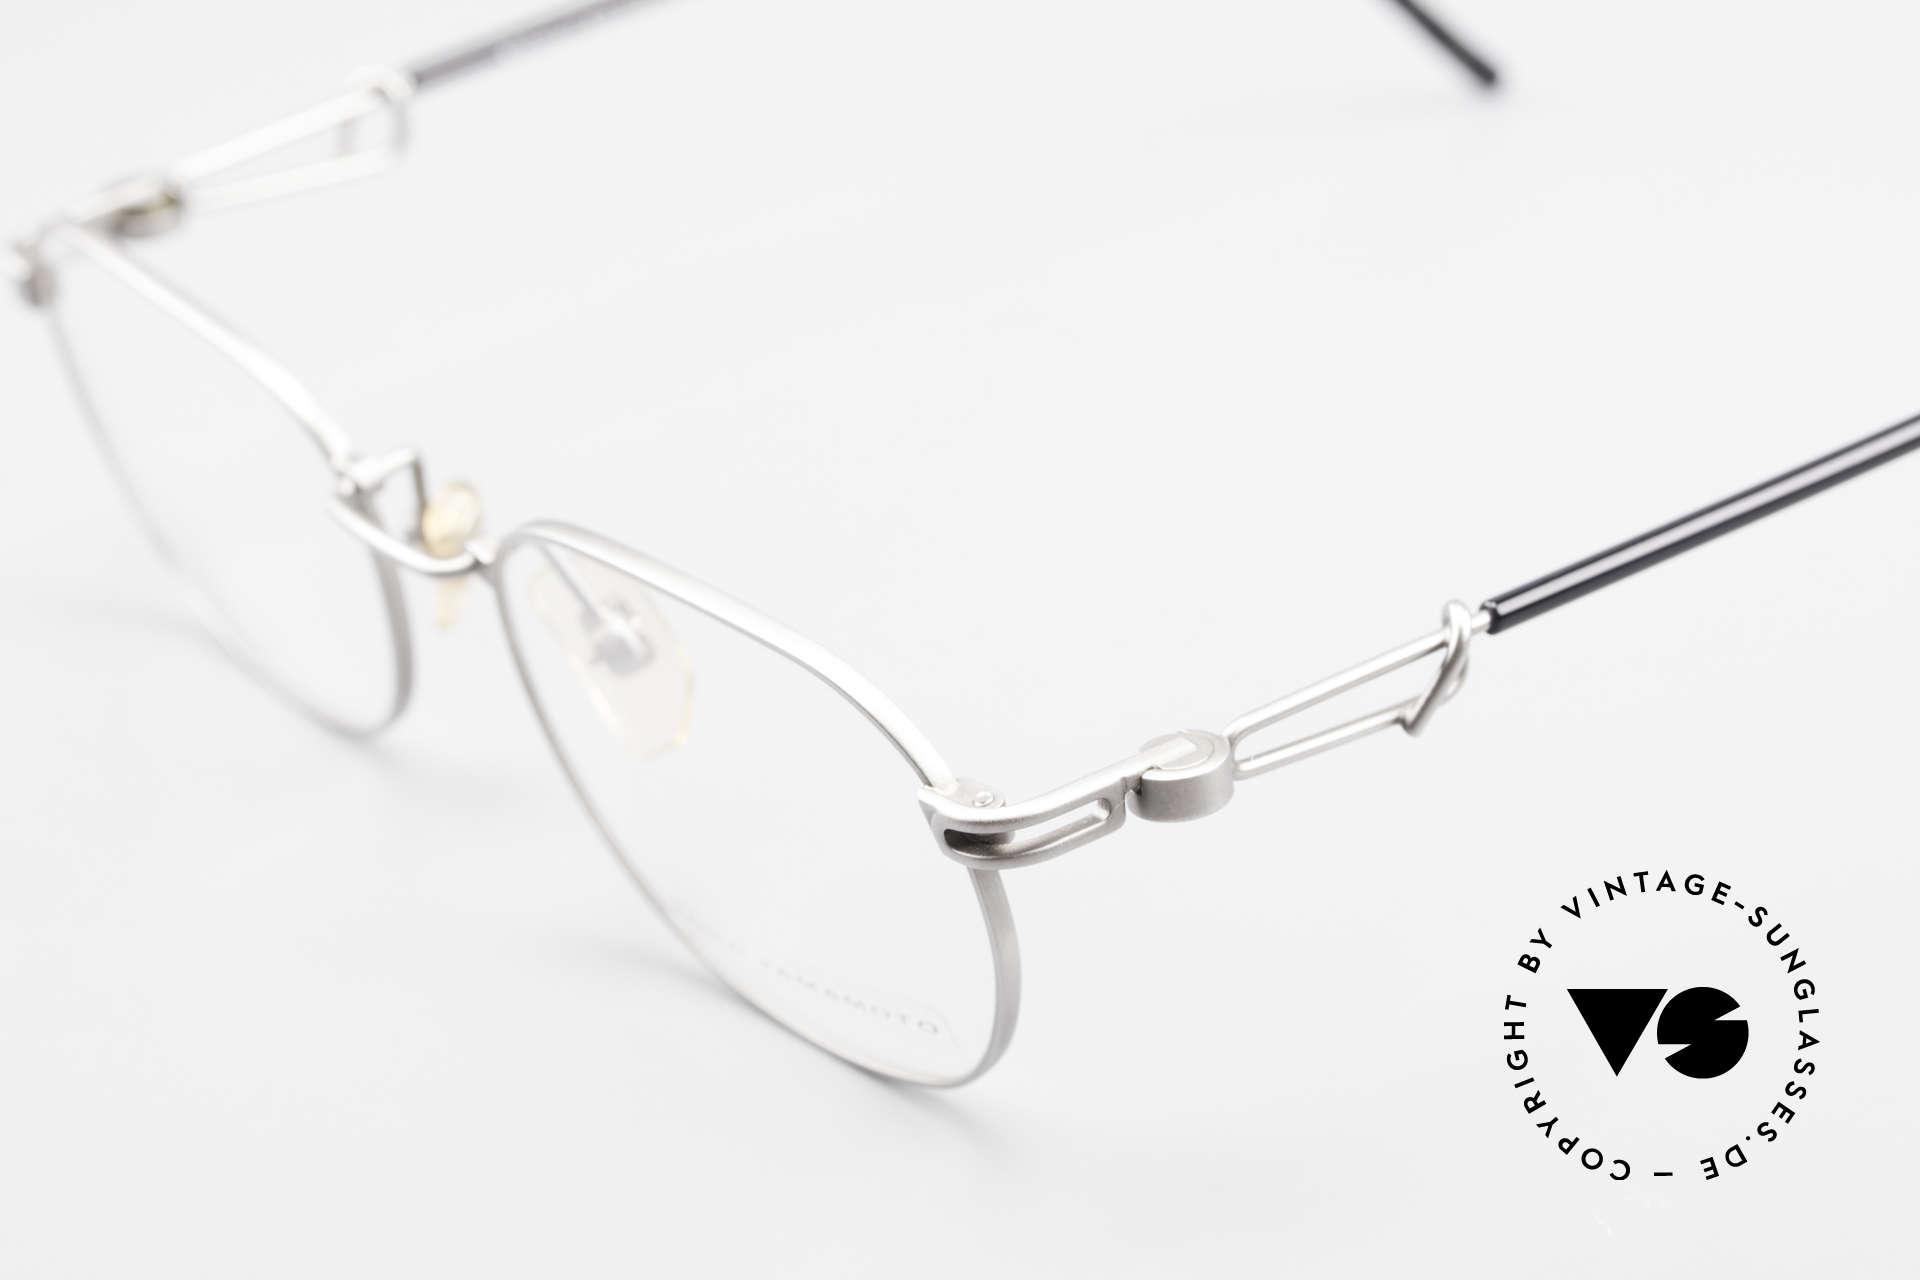 Yohji Yamamoto 51-4113 Titan Designerbrille Vintage, KEINE RETROmode; sondern ein Original von ca. 1997, Passend für Herren und Damen